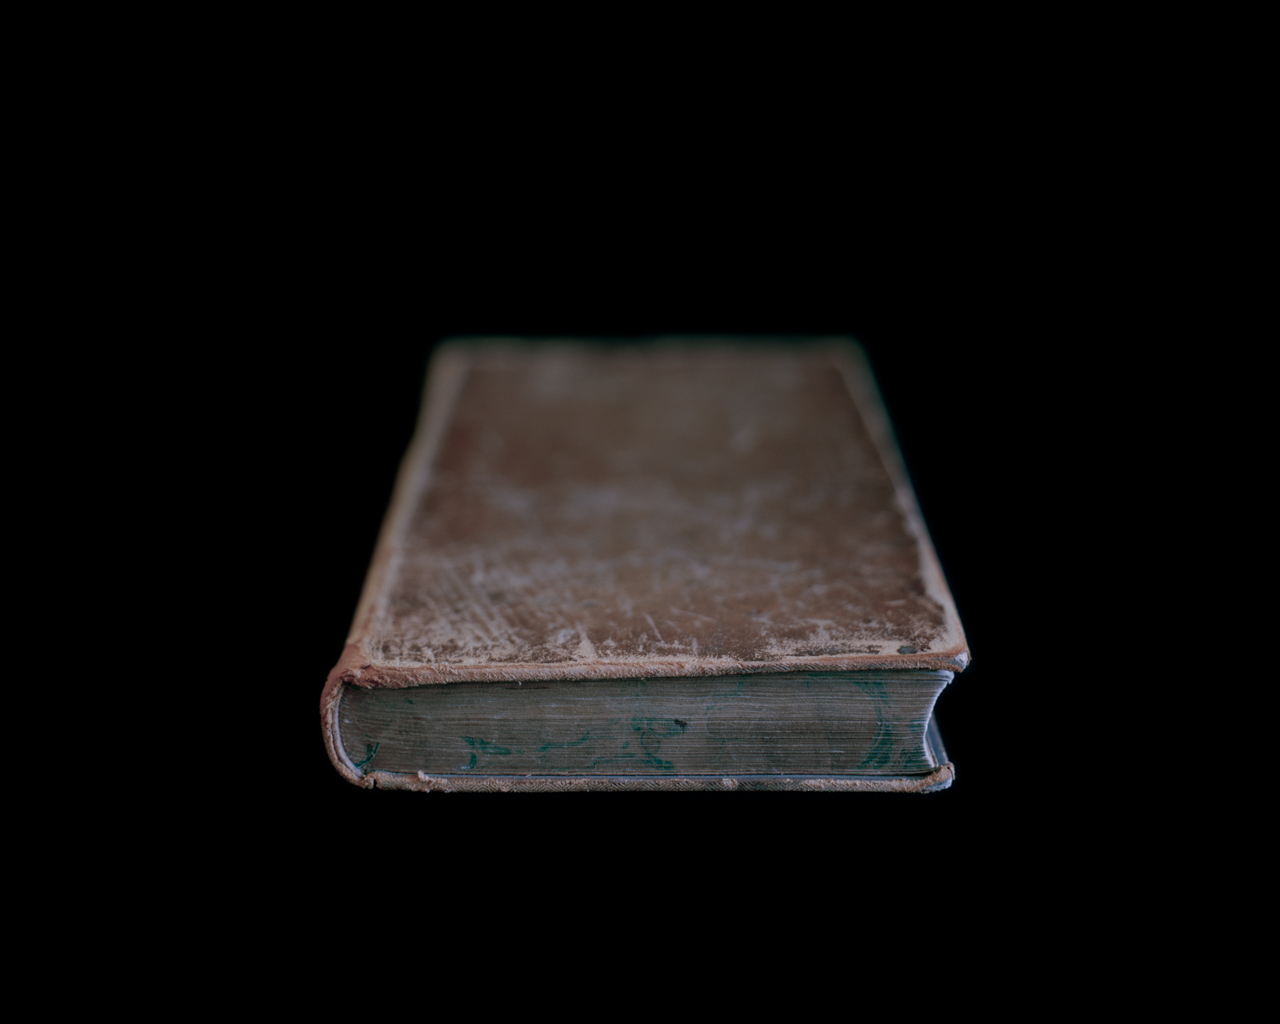 uofr_book_douglass.jpg